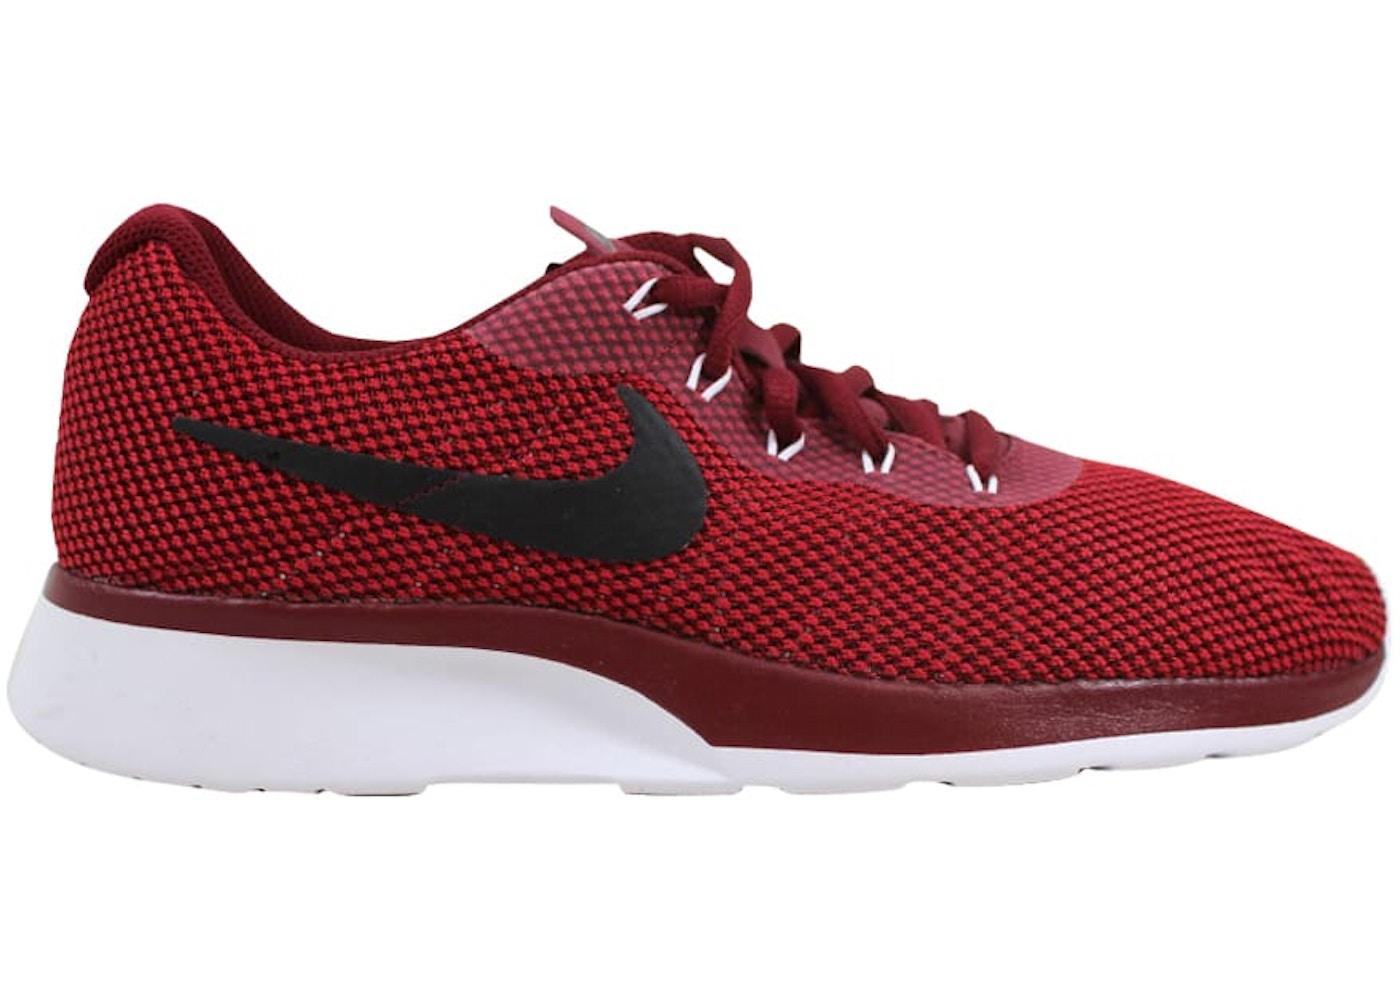 photos officielles a7c71 da205 Nike Tanjun Racer Team Red/Black-Gym Red-White